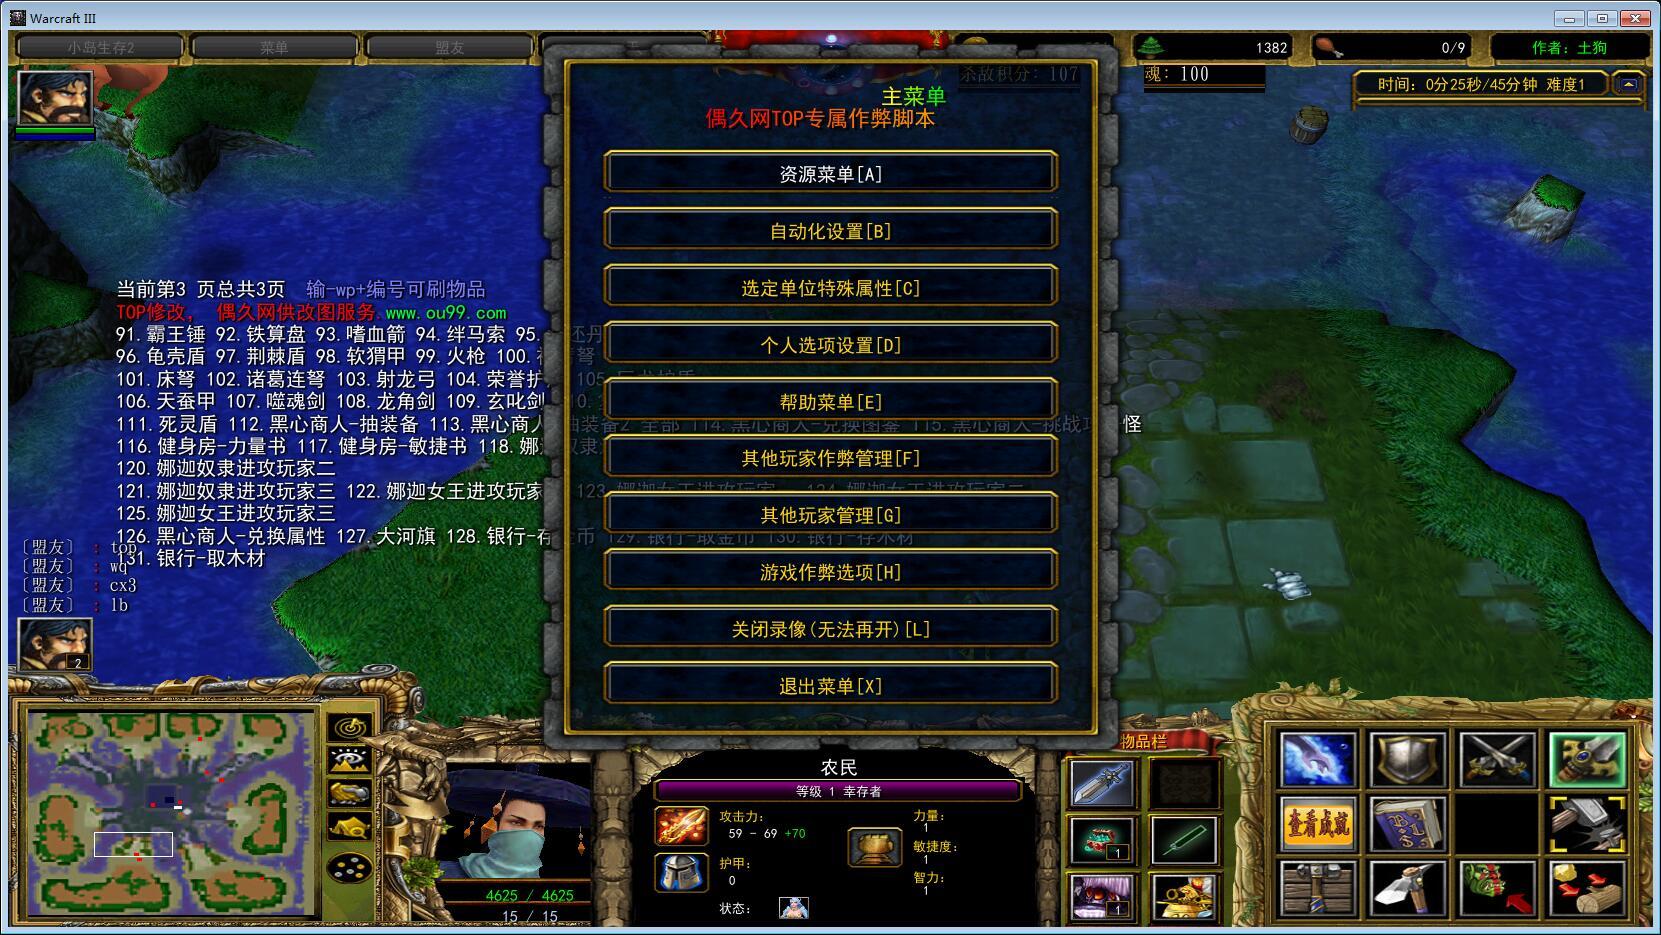 小岛生存2 1.1.19破解版 全商城特权+通关存档道具+开局龙角剑+地图等级99+刷物品无CD